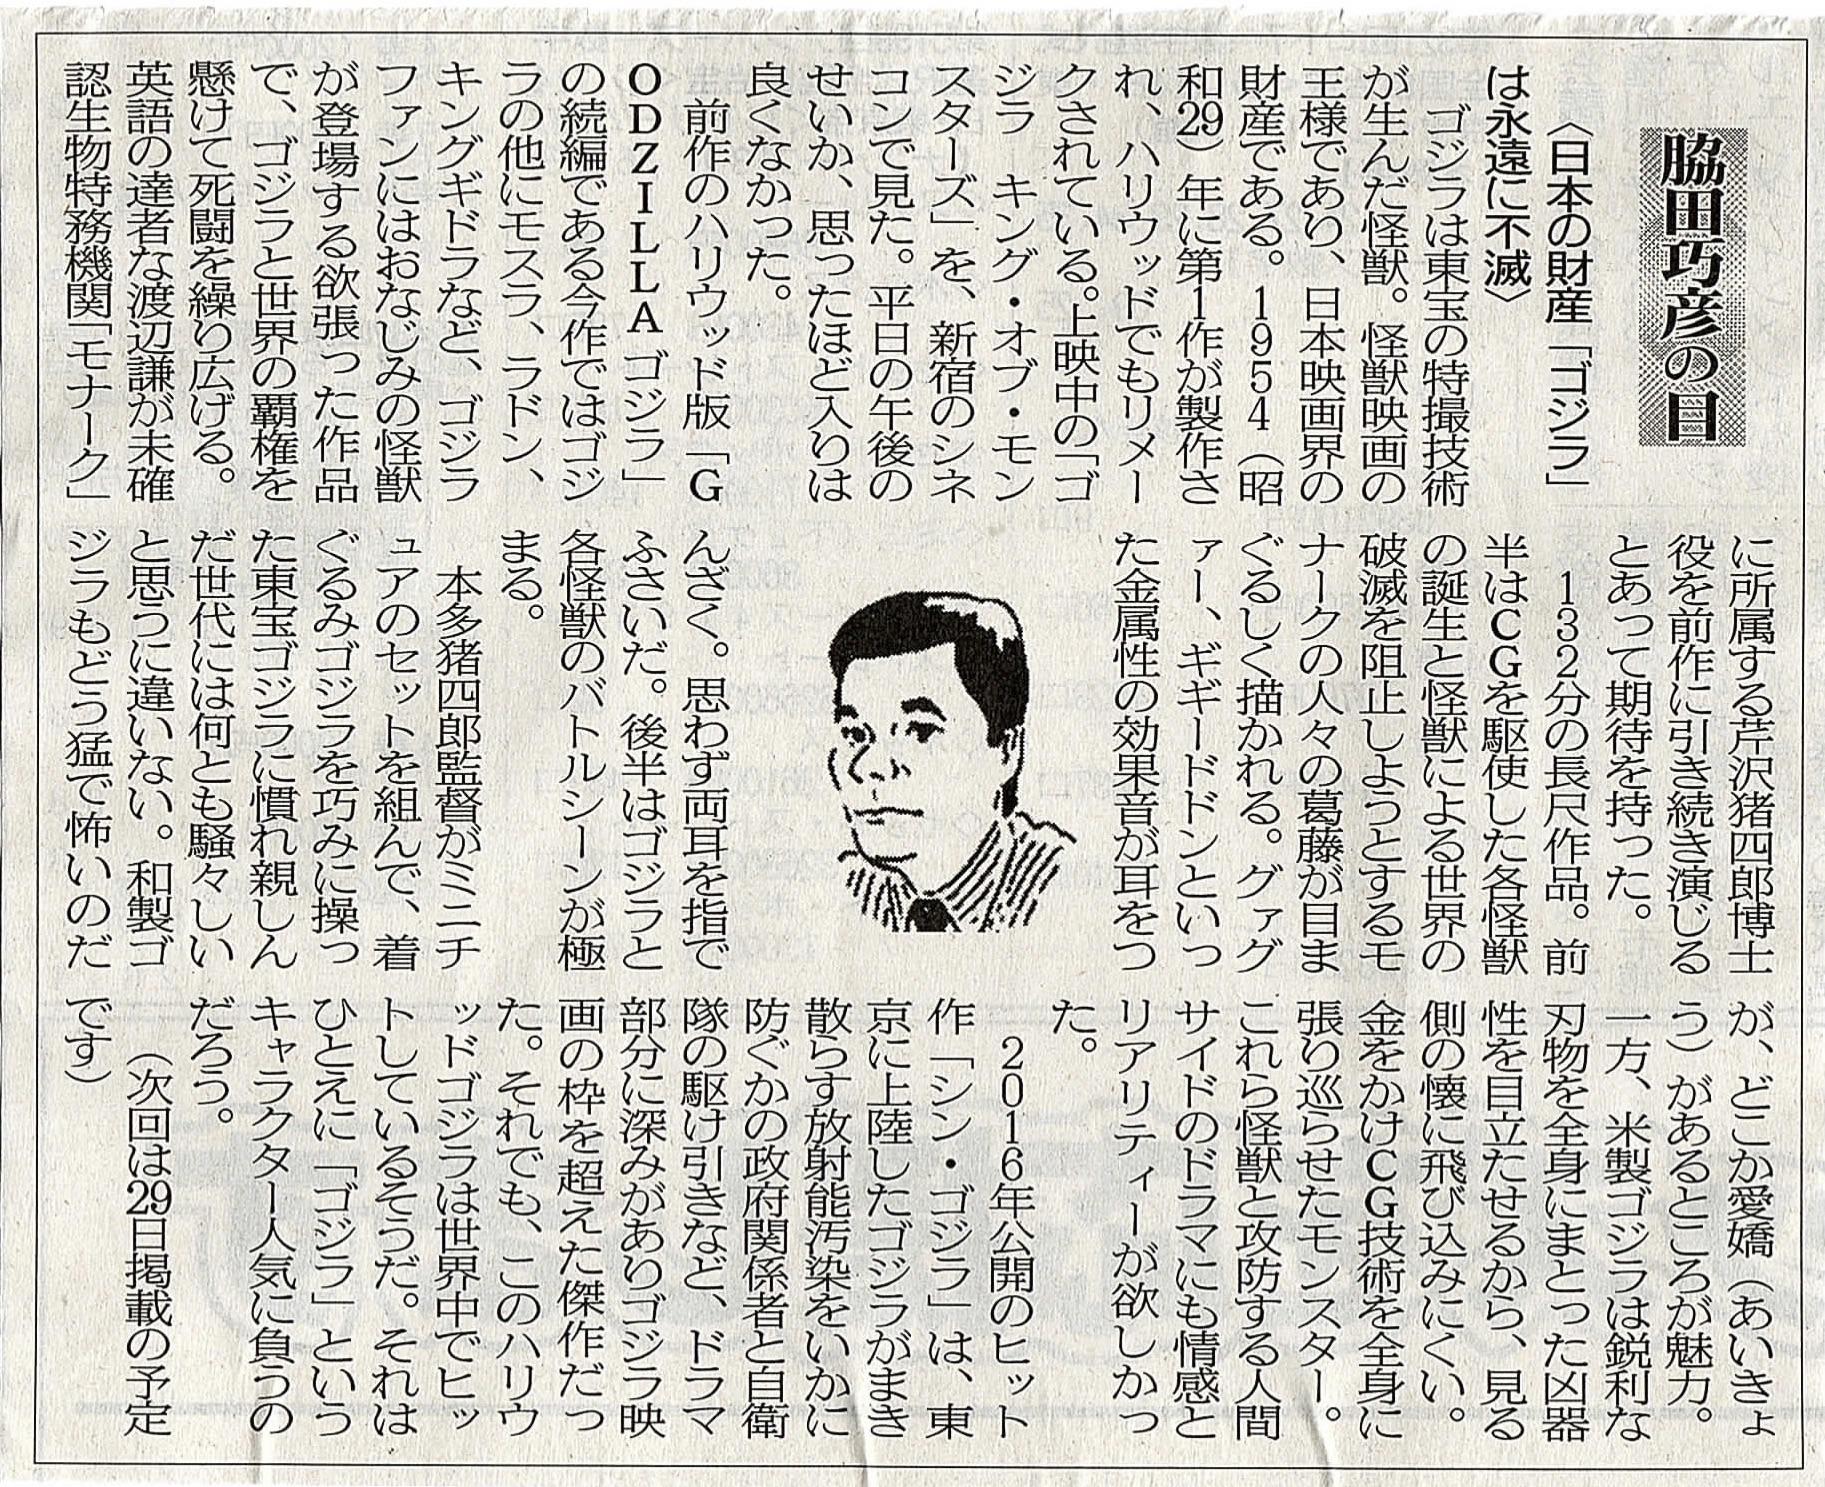 2019年06月15日 日本の財産「ゴジラ」は永遠に不滅